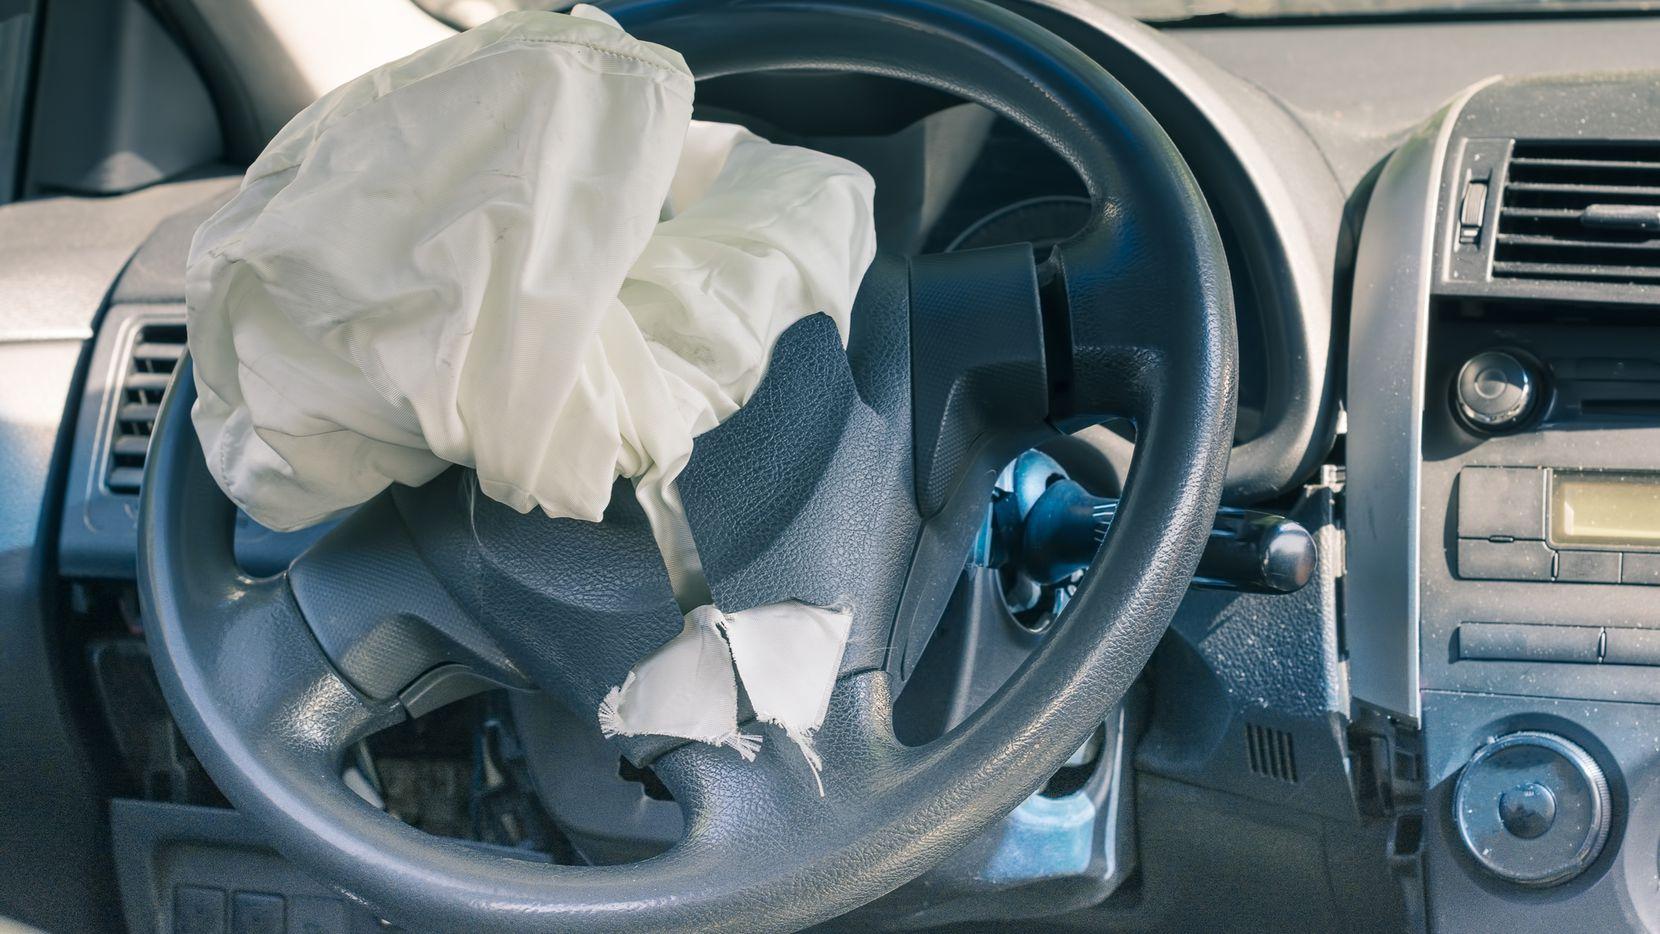 Los airbags deben ser reemplazados en los autos viejos. Es gratuito hacerlo. iSTOCK